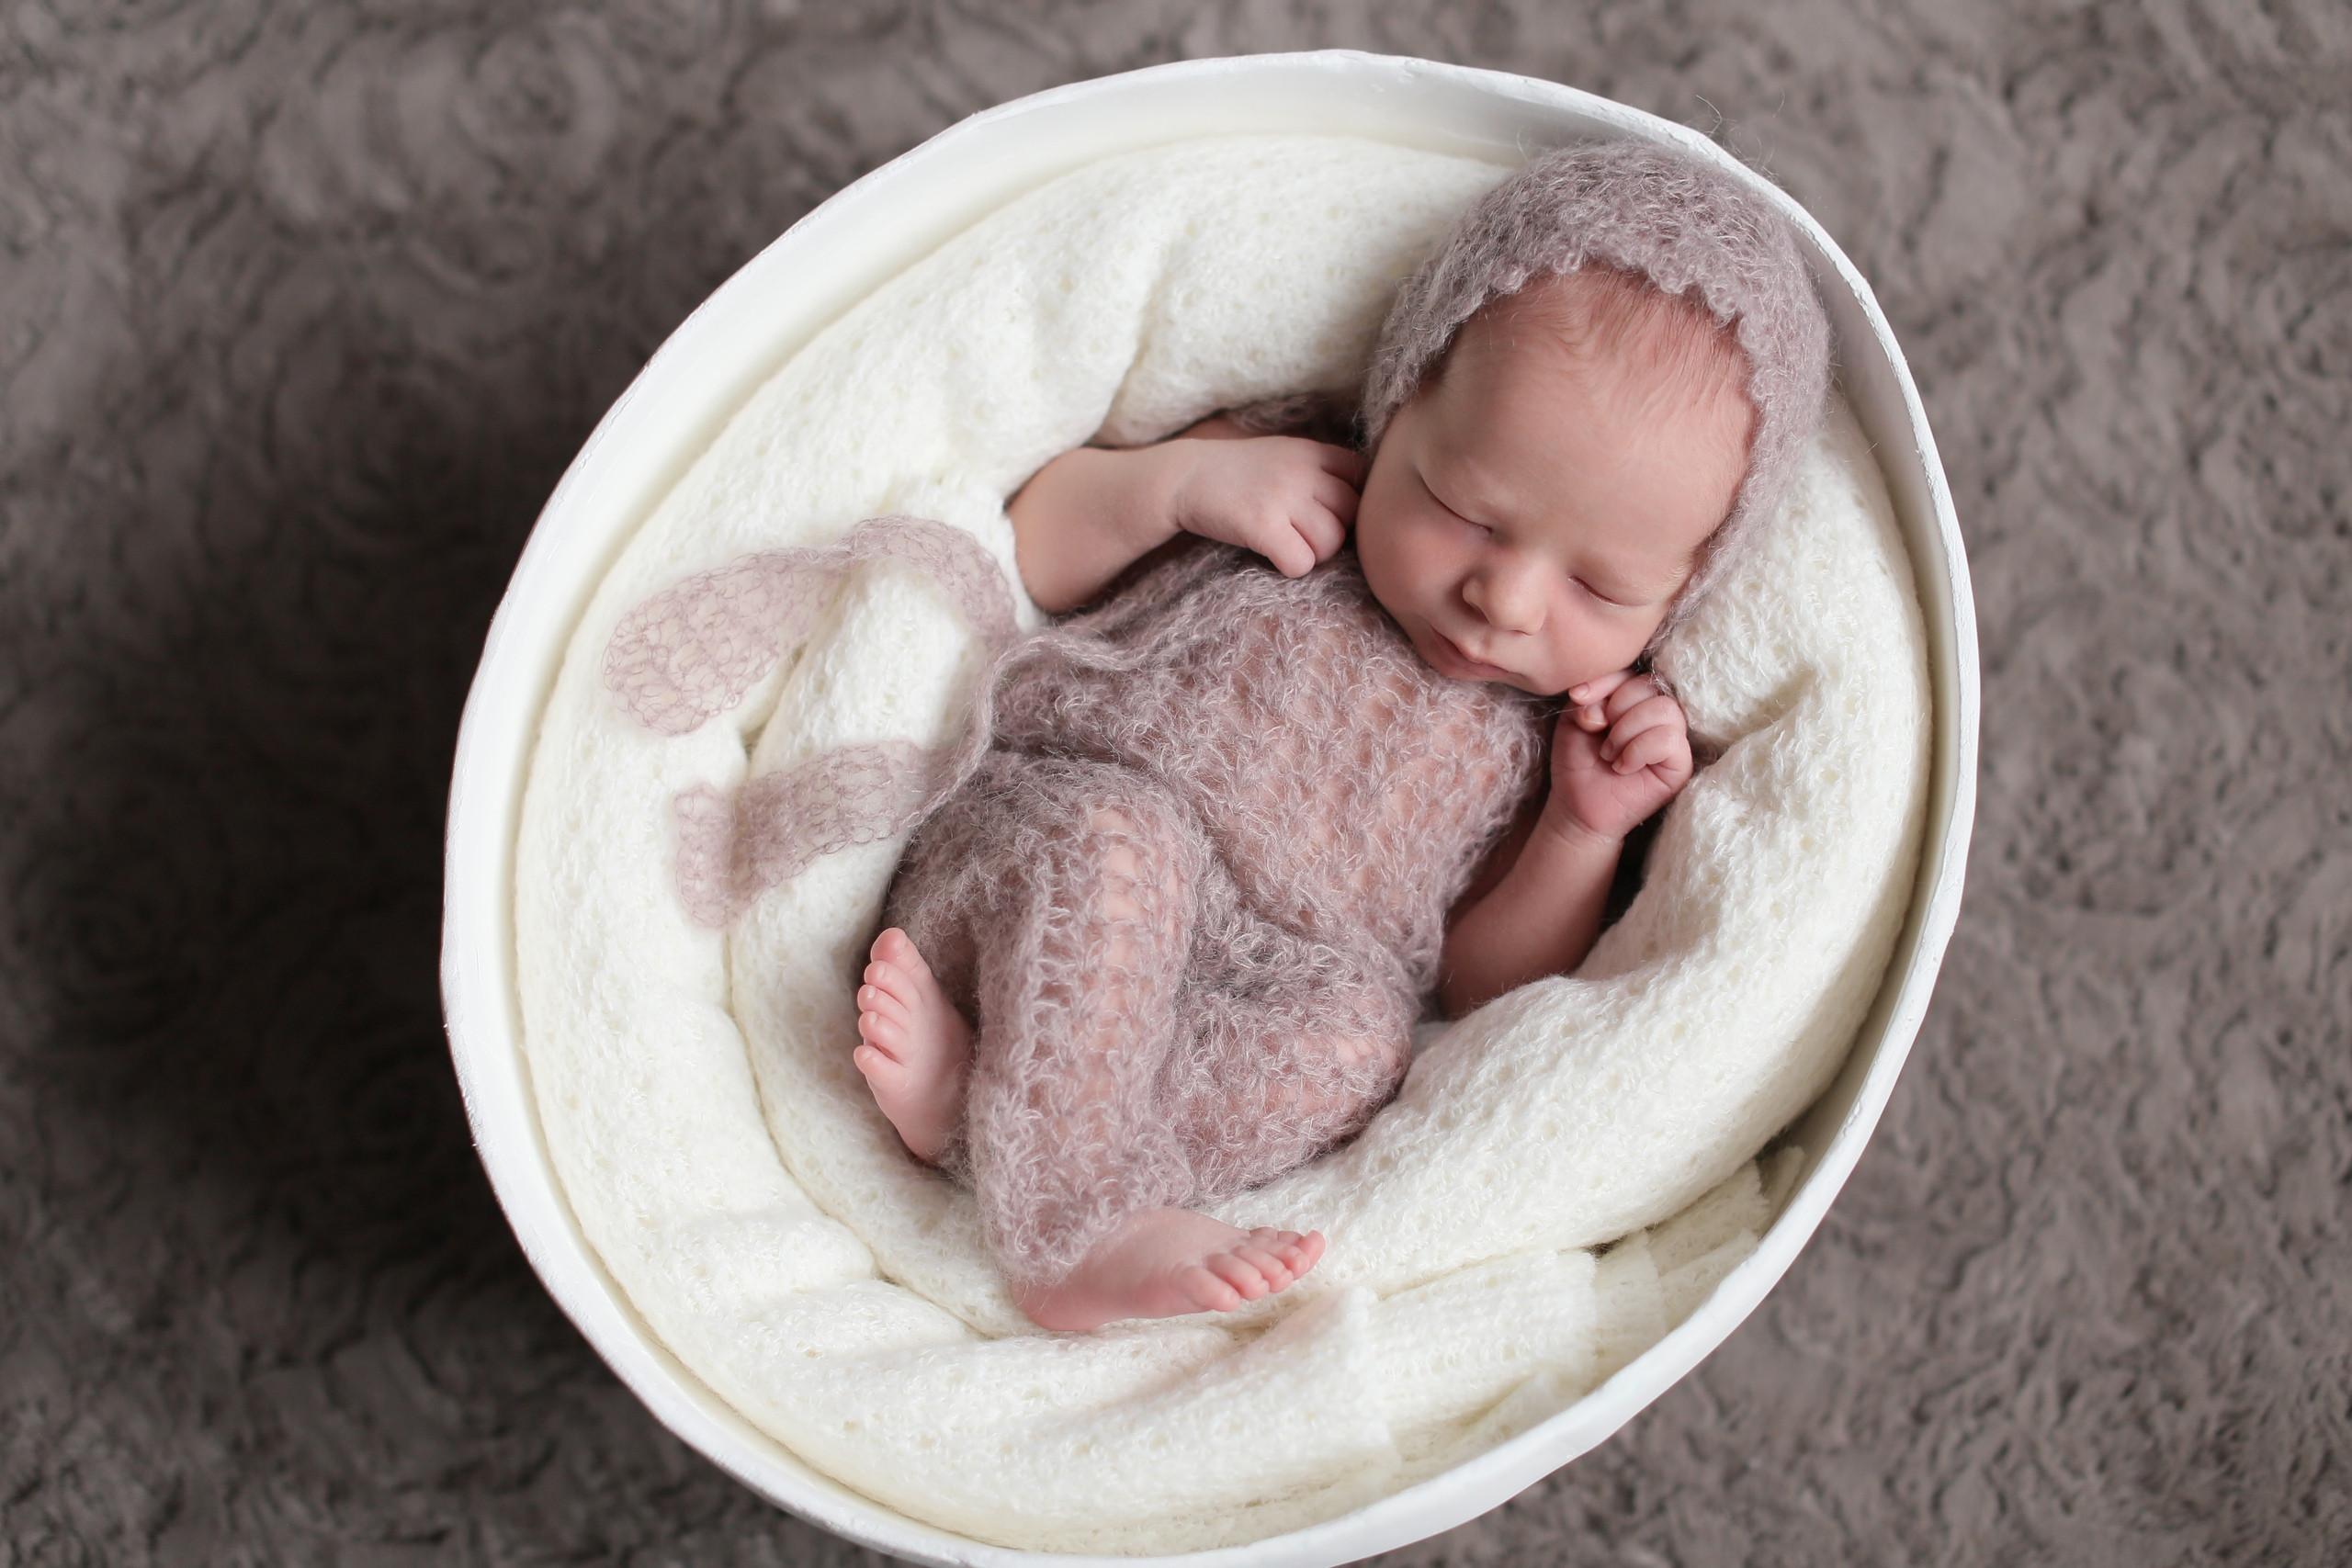 Как снимать новорожденных: интервью с олесей фетисовой